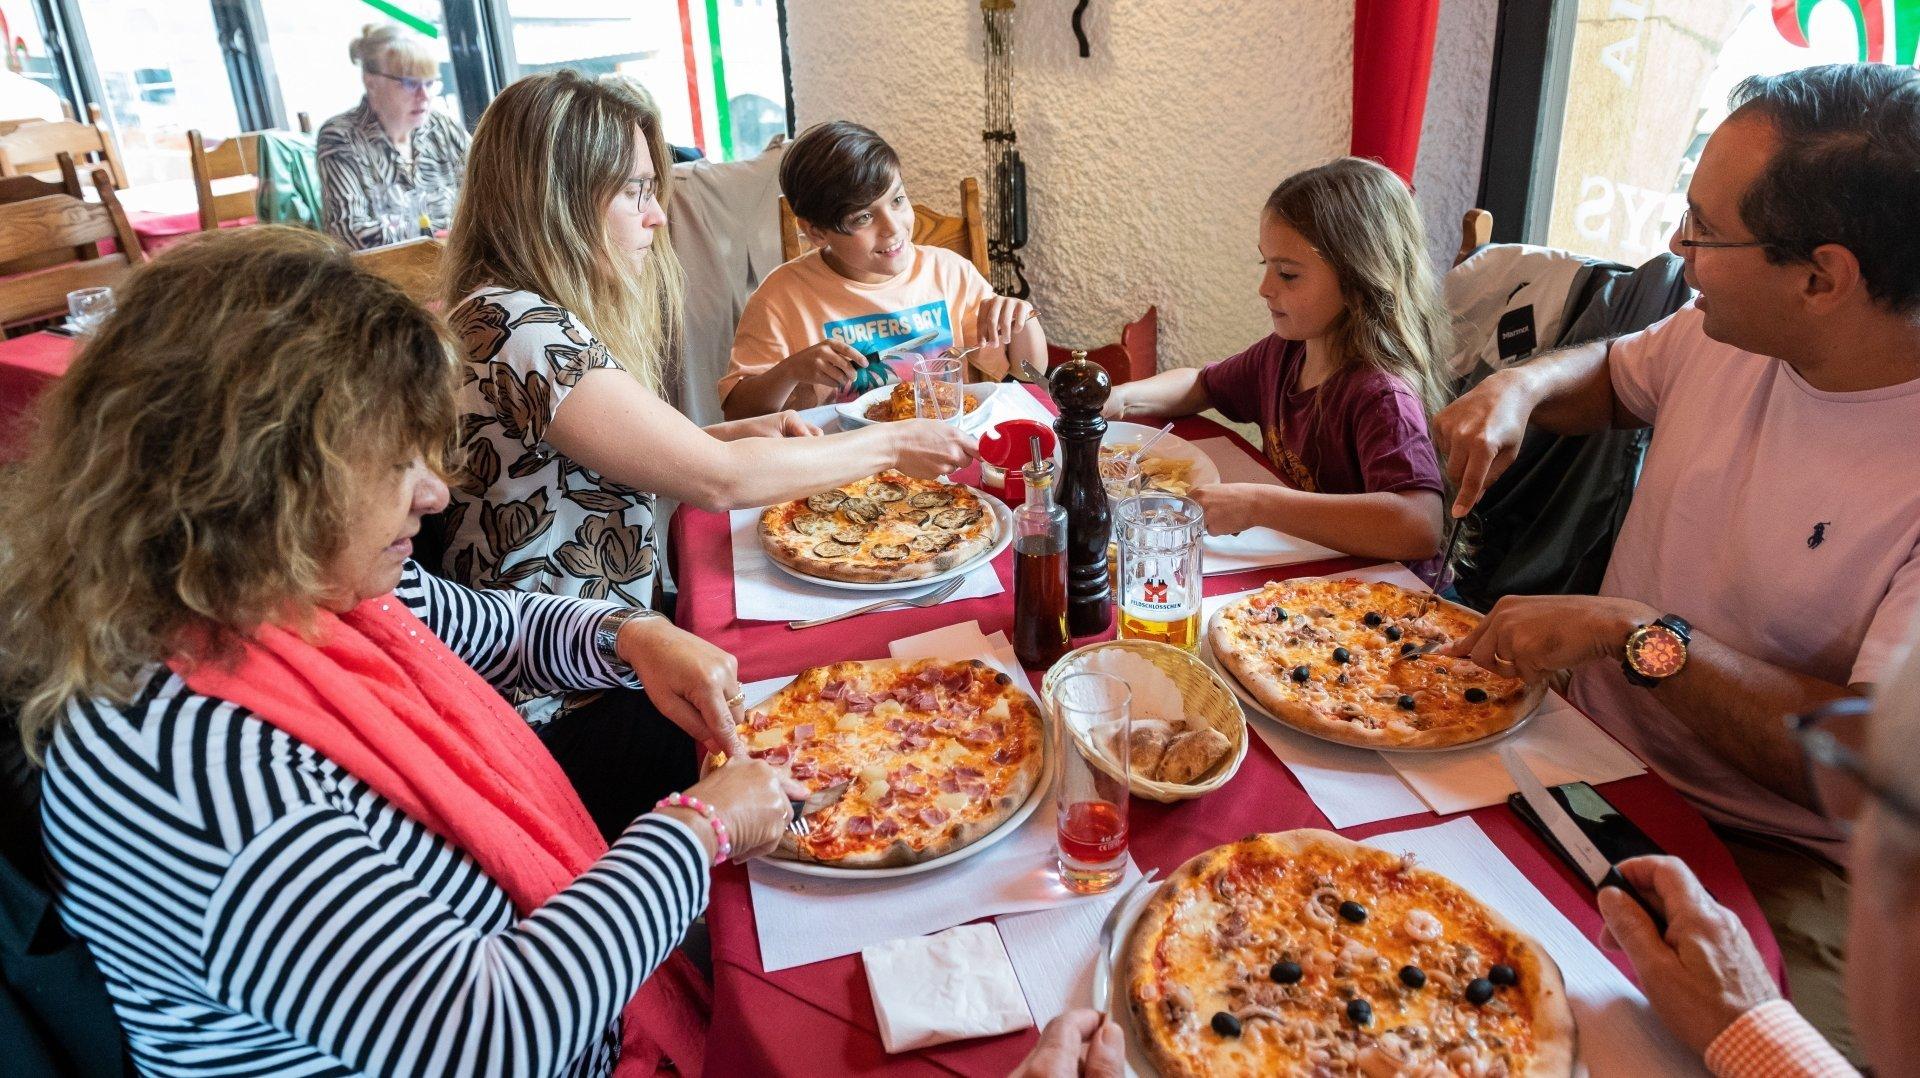 L'obligation de pass sanitaire impacte la fréquentation des restaurants neuchâtelois (image d'illustration).